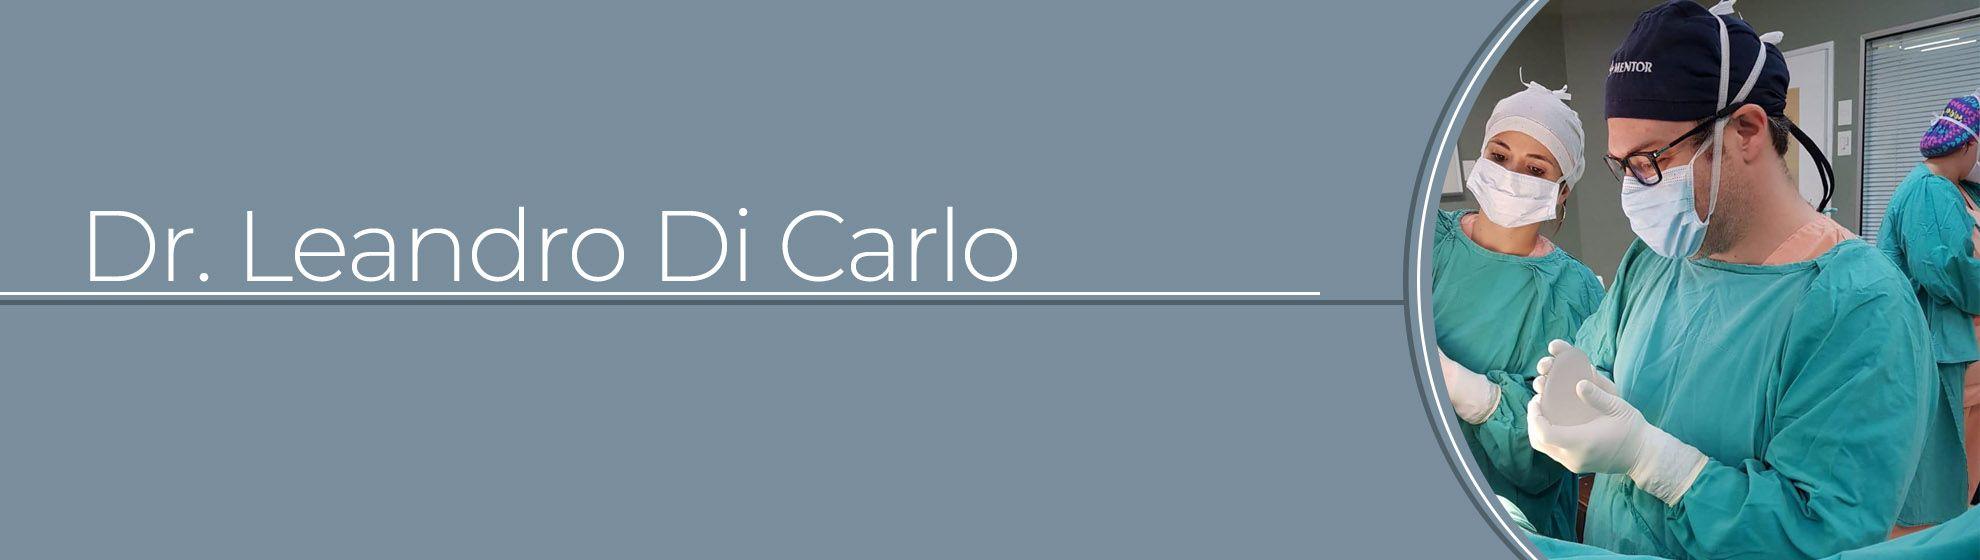 Dr. Leandro Di Carlo